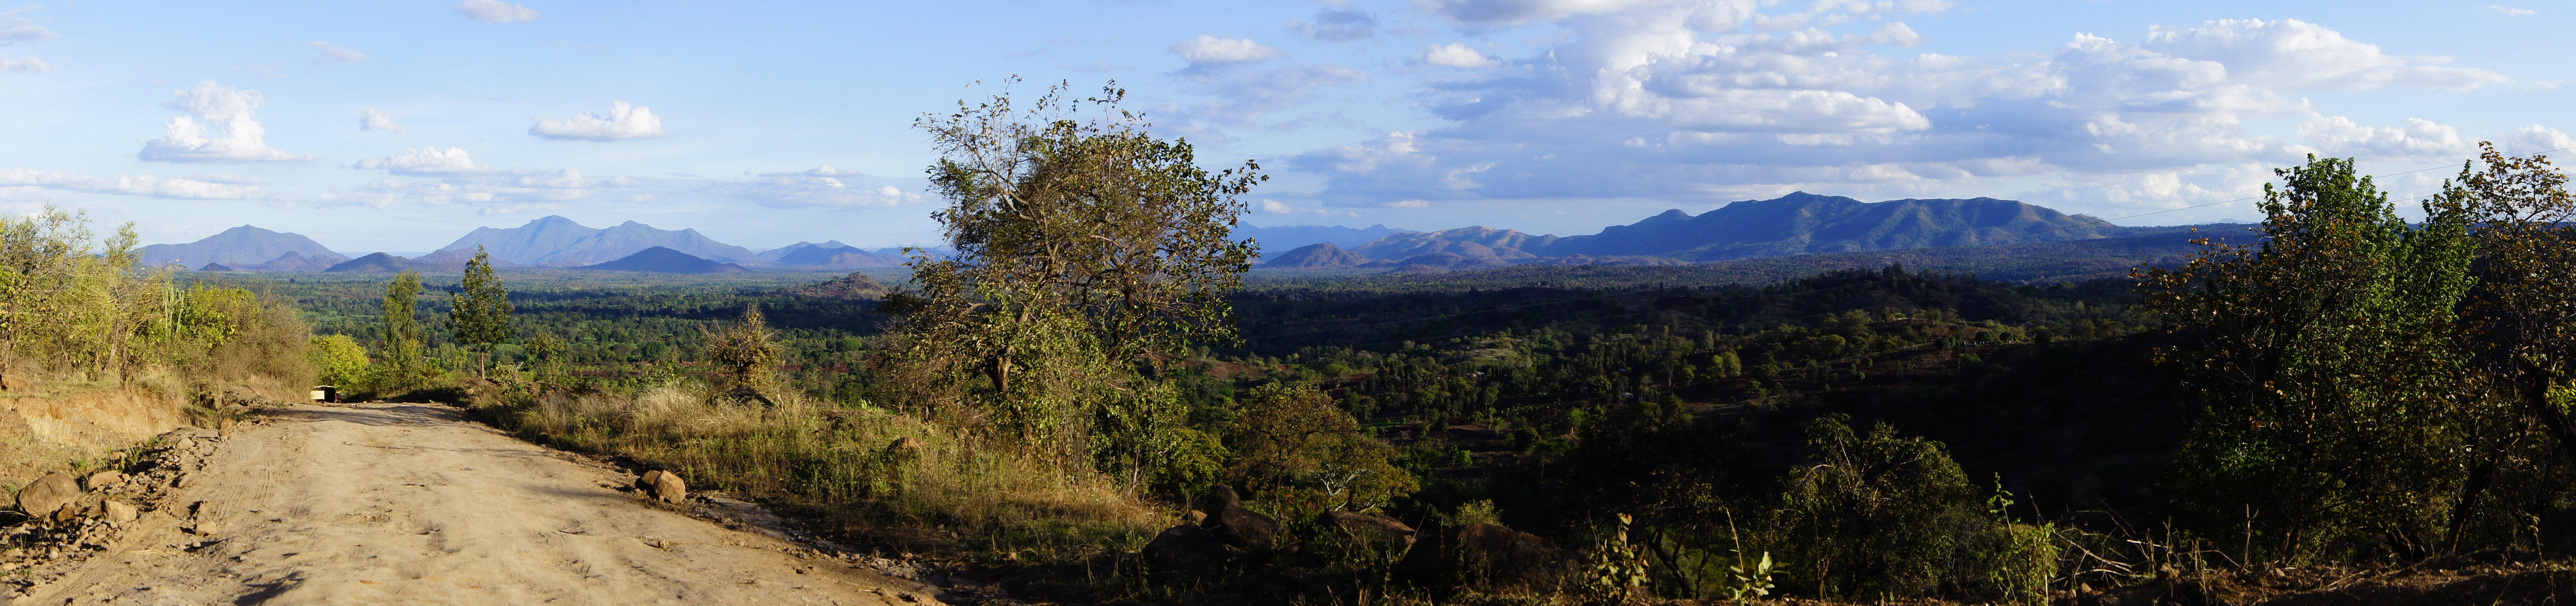 Panorama des kenianischen Hochlands